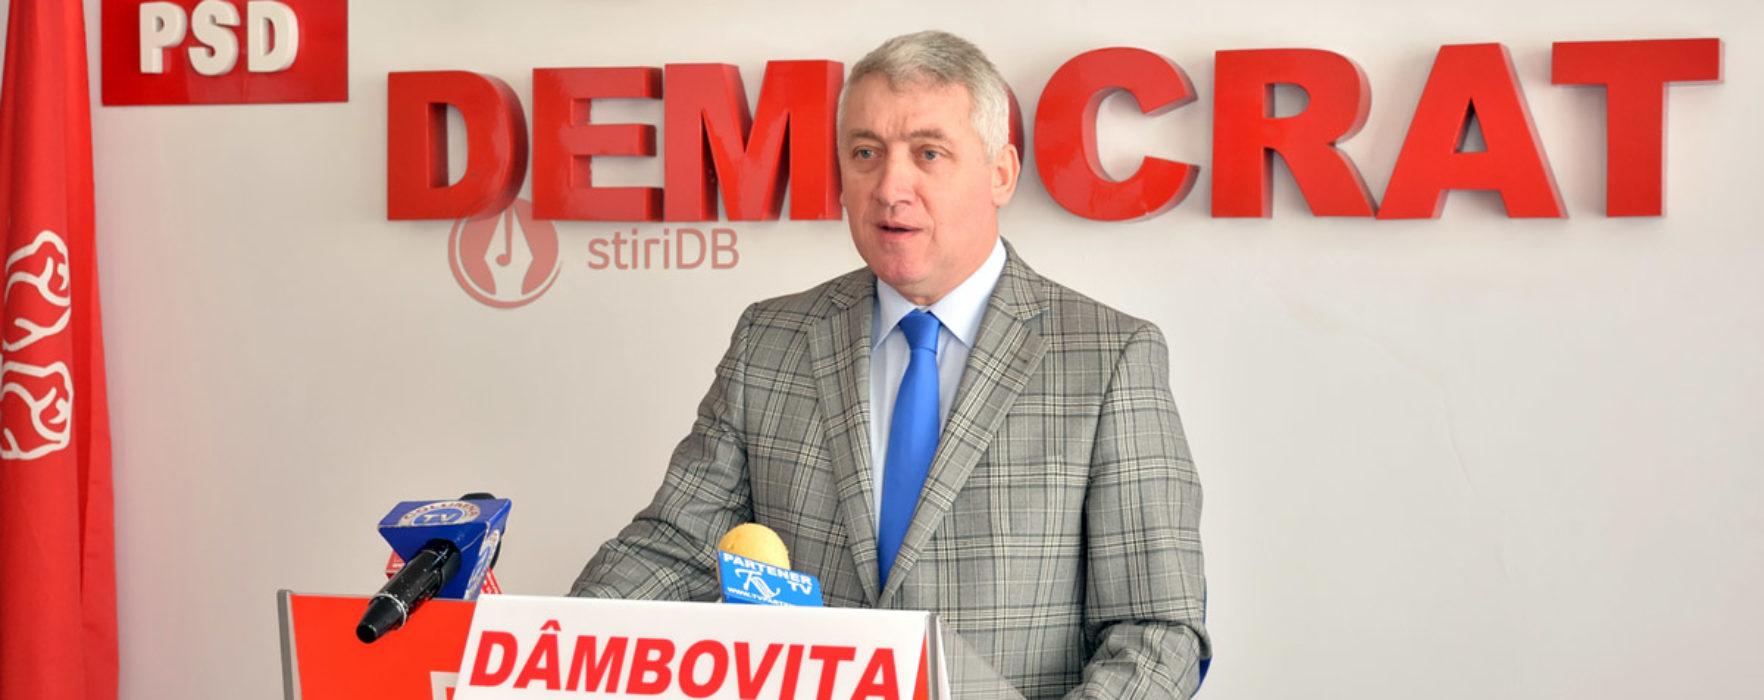 Adrian Ţuţuianu (PSD): Mi-ar plăcea ca Orban să câştige preşedinţia PNL, ar fi mai uşor pentru PSD